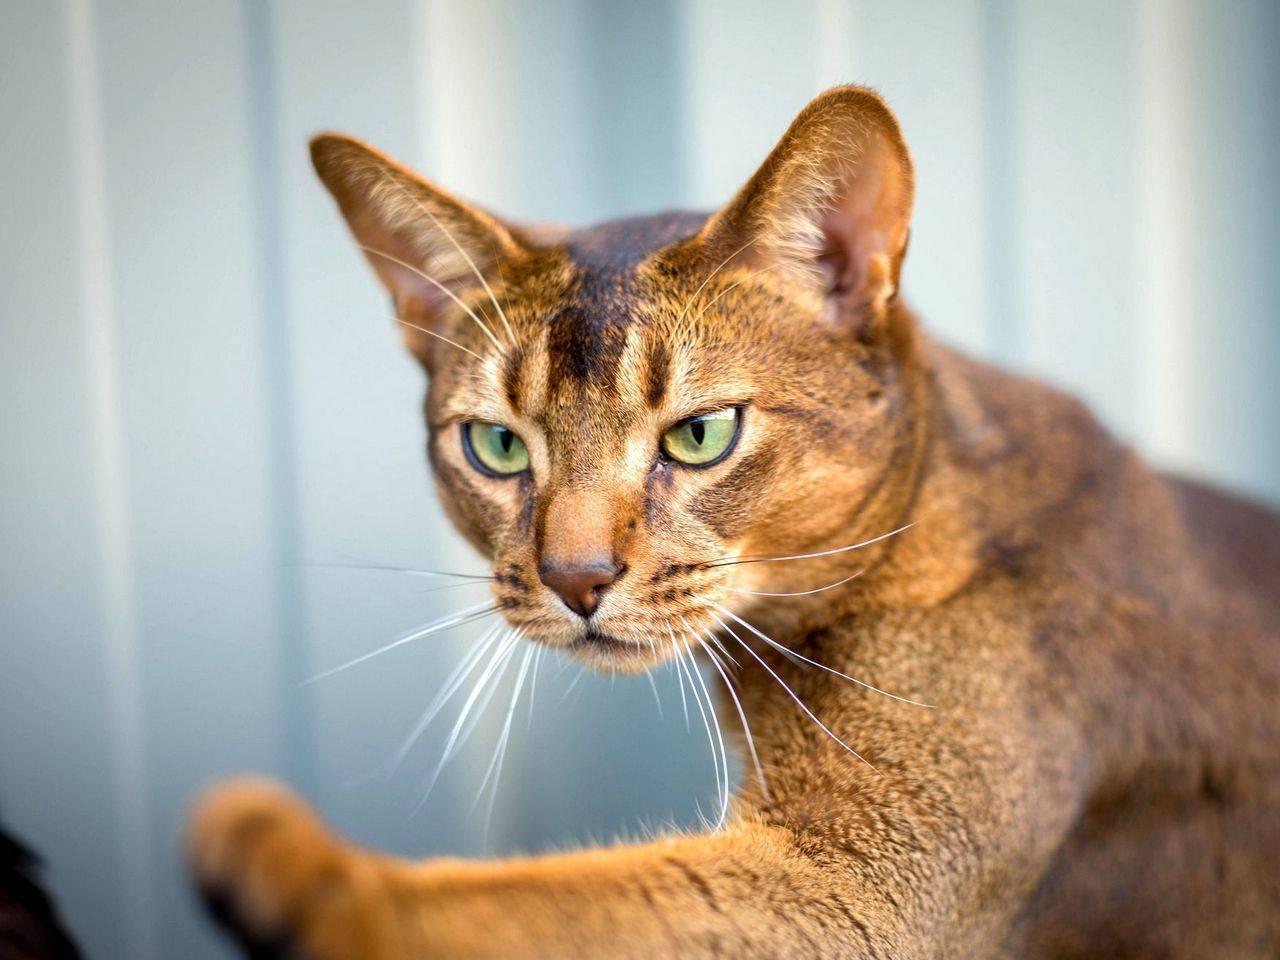 Абиссинская порода кошек - описание породы, характеристики, фото